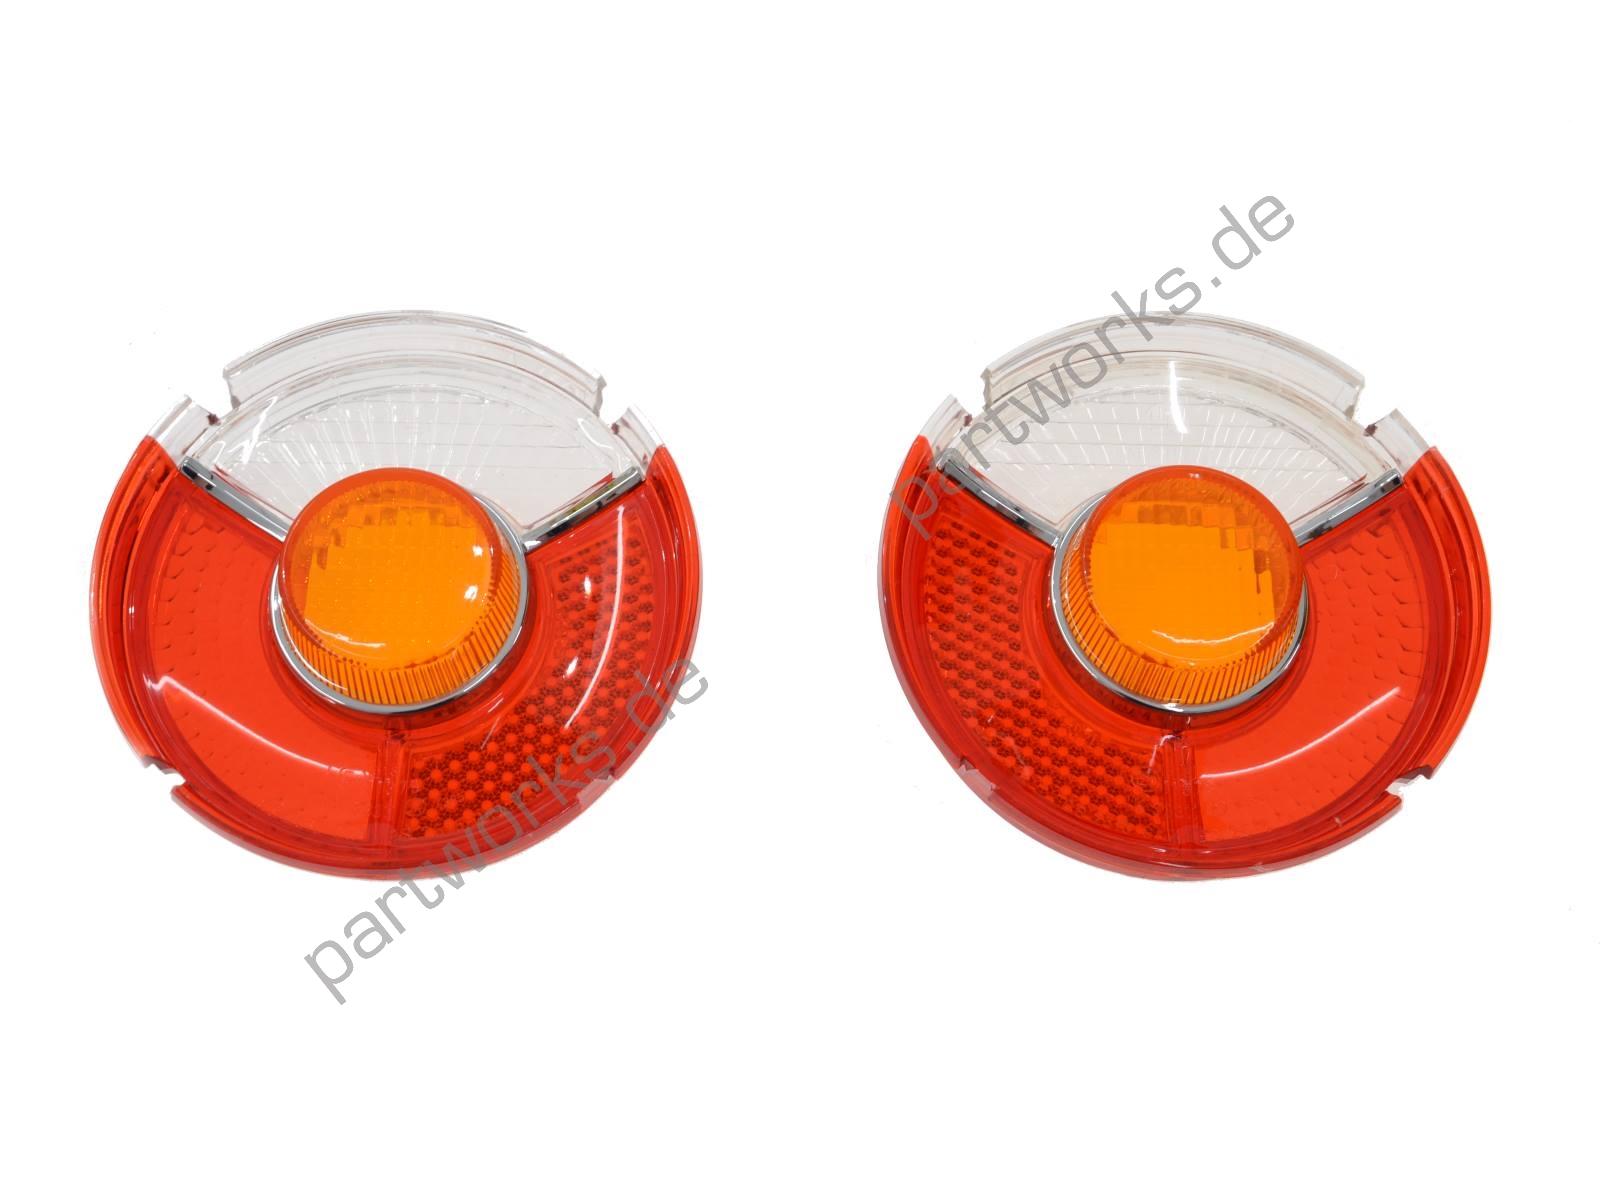 2x Tail Lights For Bmw E10 02er 1502 1602 1802 2002 Eu L R